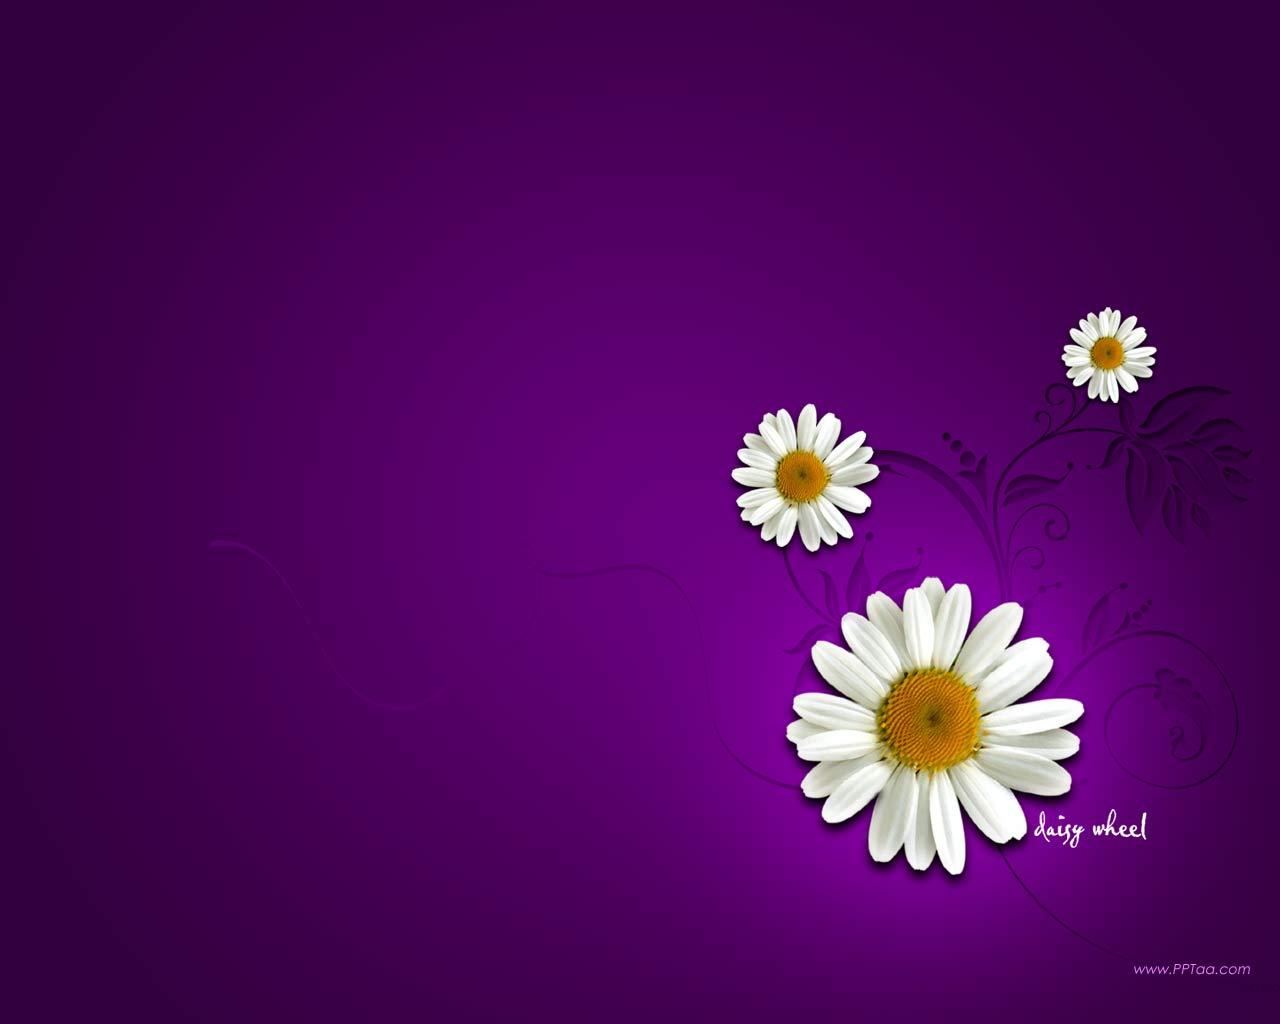 Flower Backgrounds For Desktops